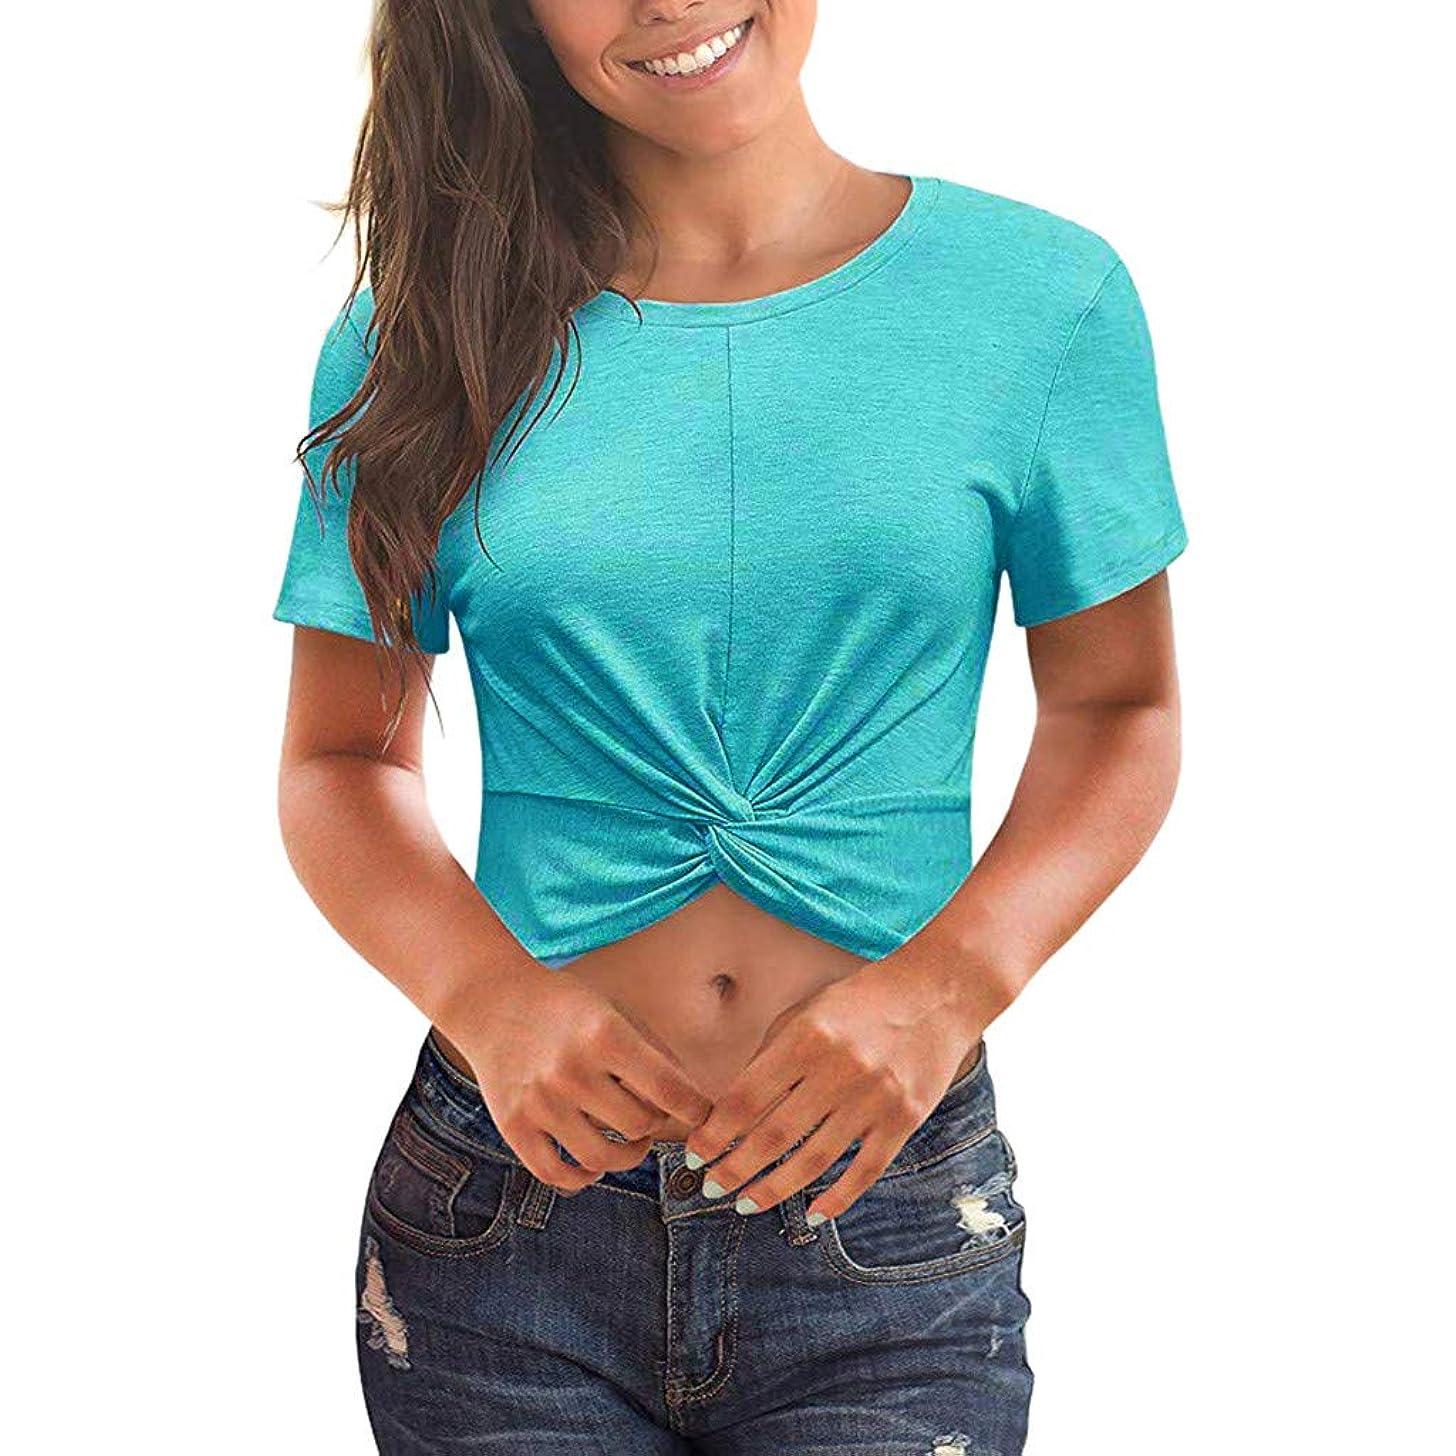 Inverlee Women's Summer Short Sleeve Front Summer Crop Top T-Shirt